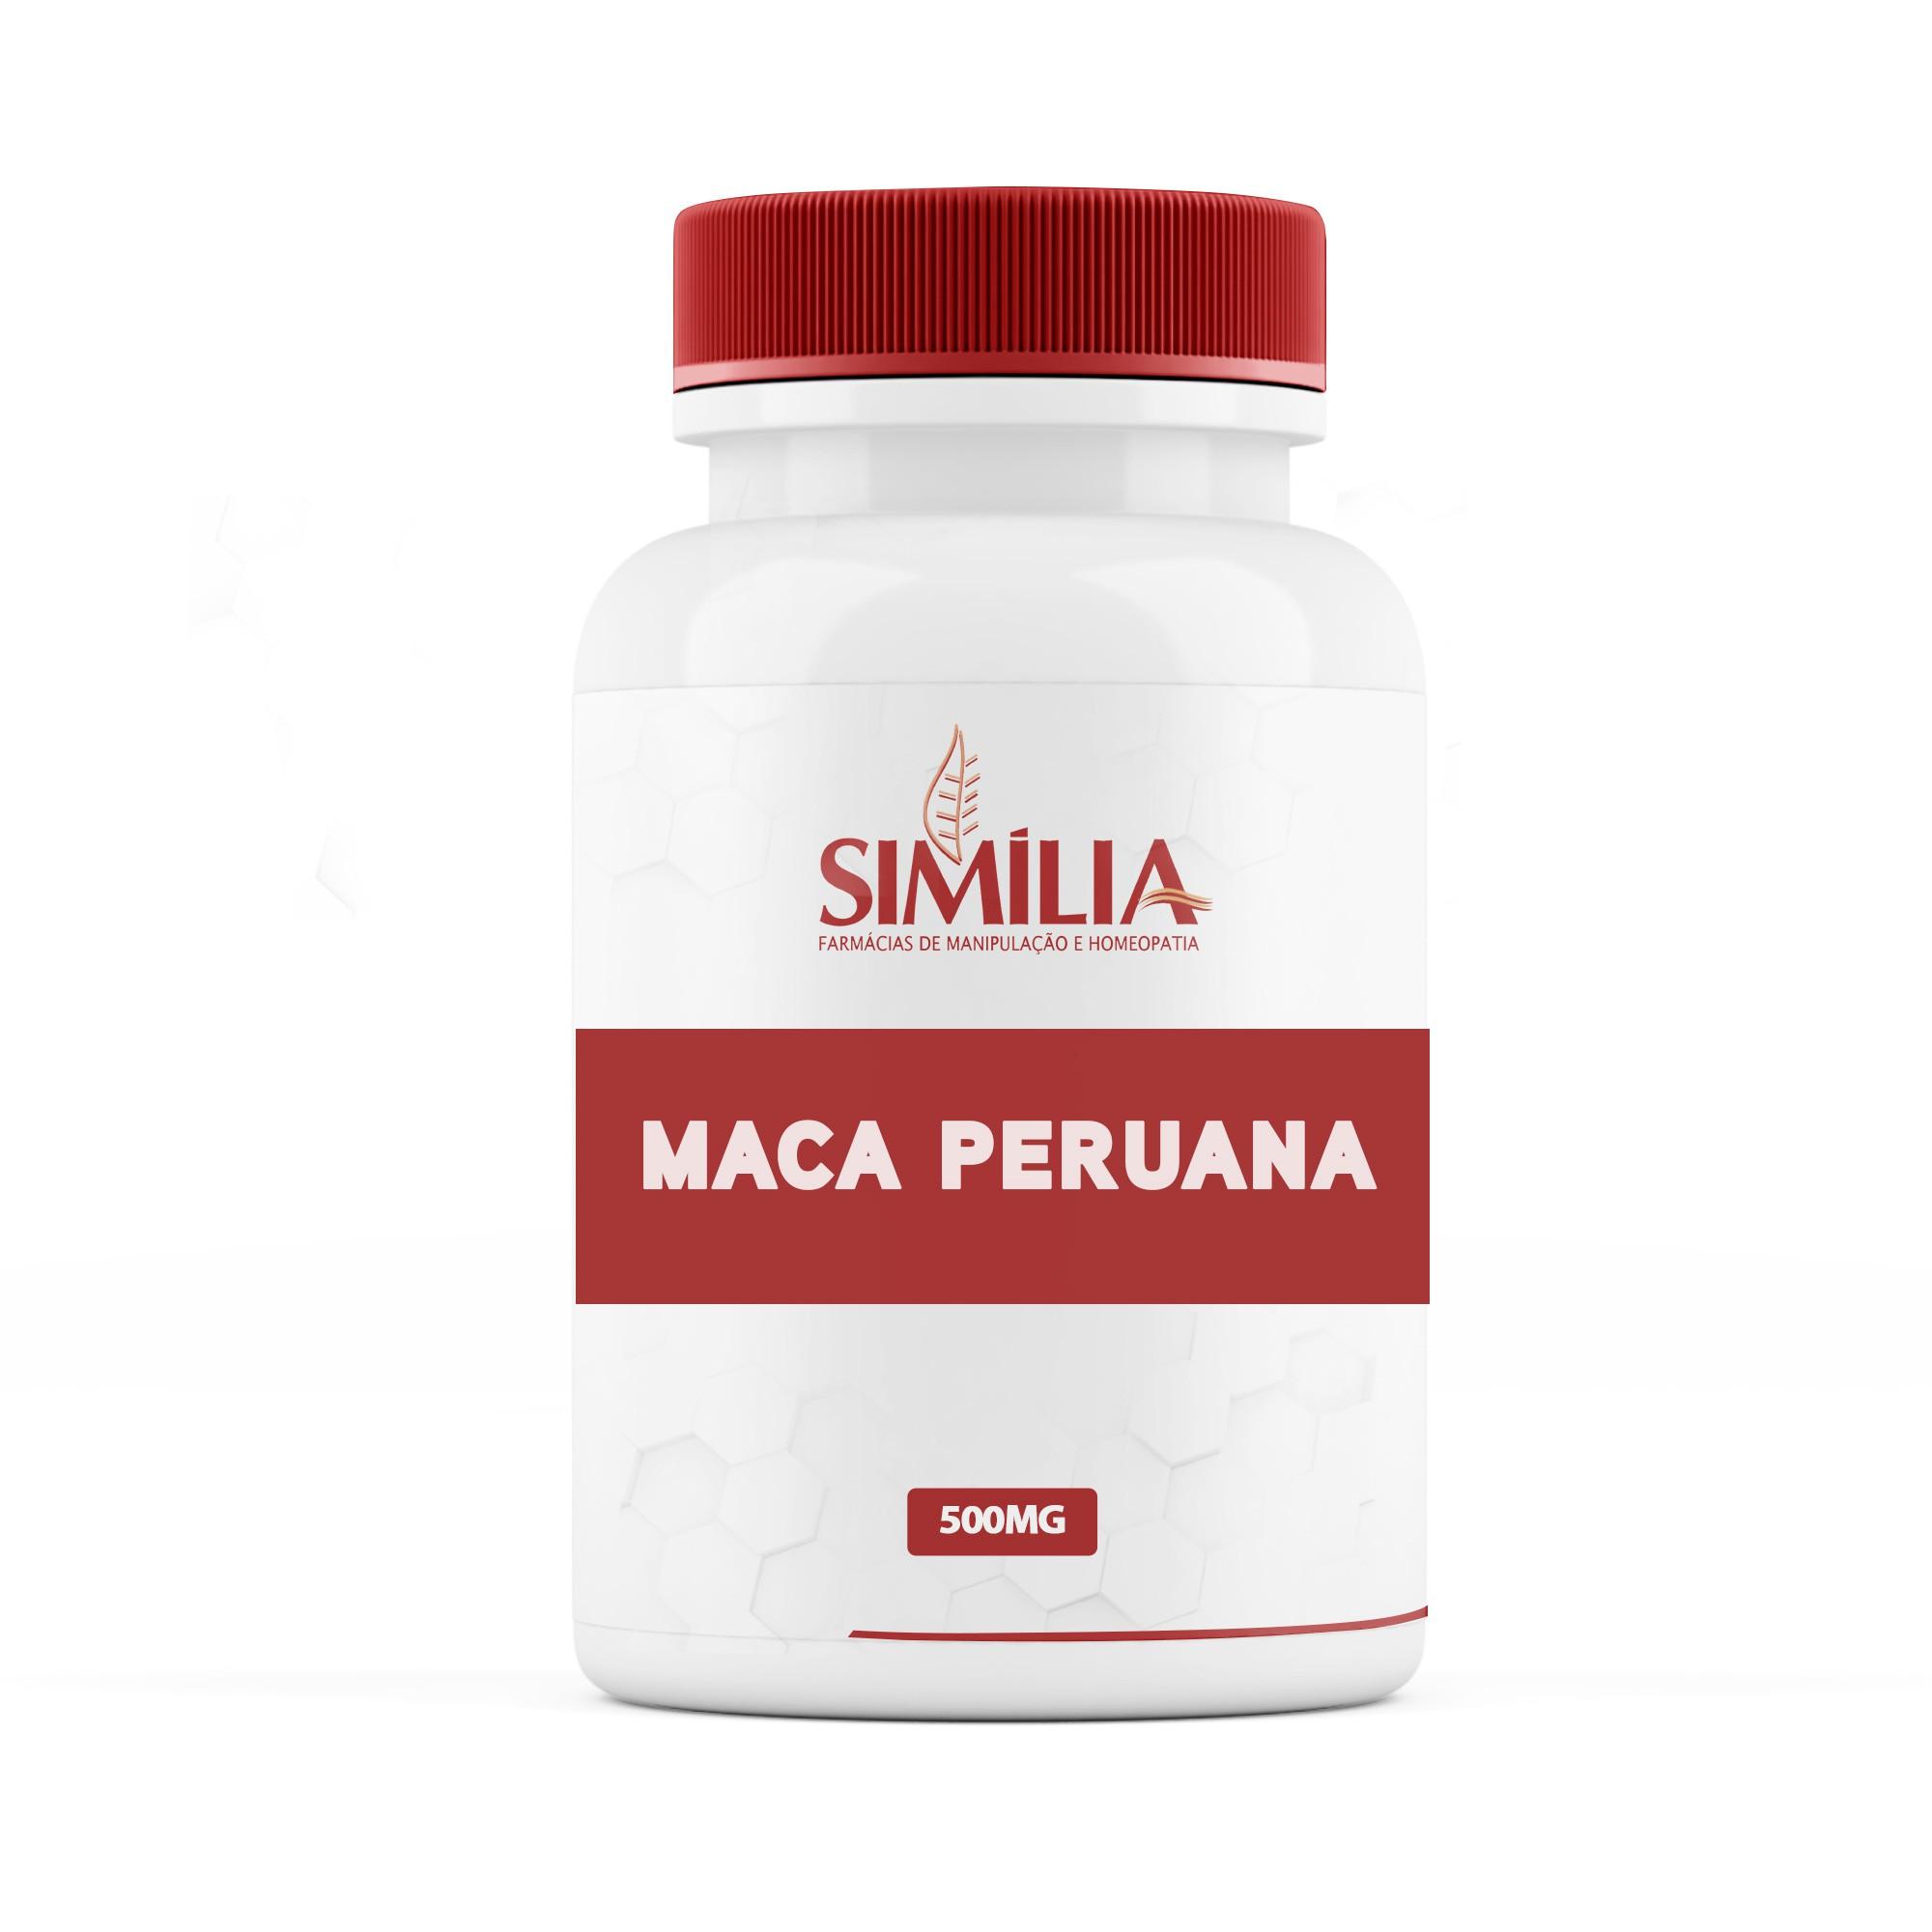 Maca Peruana 500mg - cápsulas